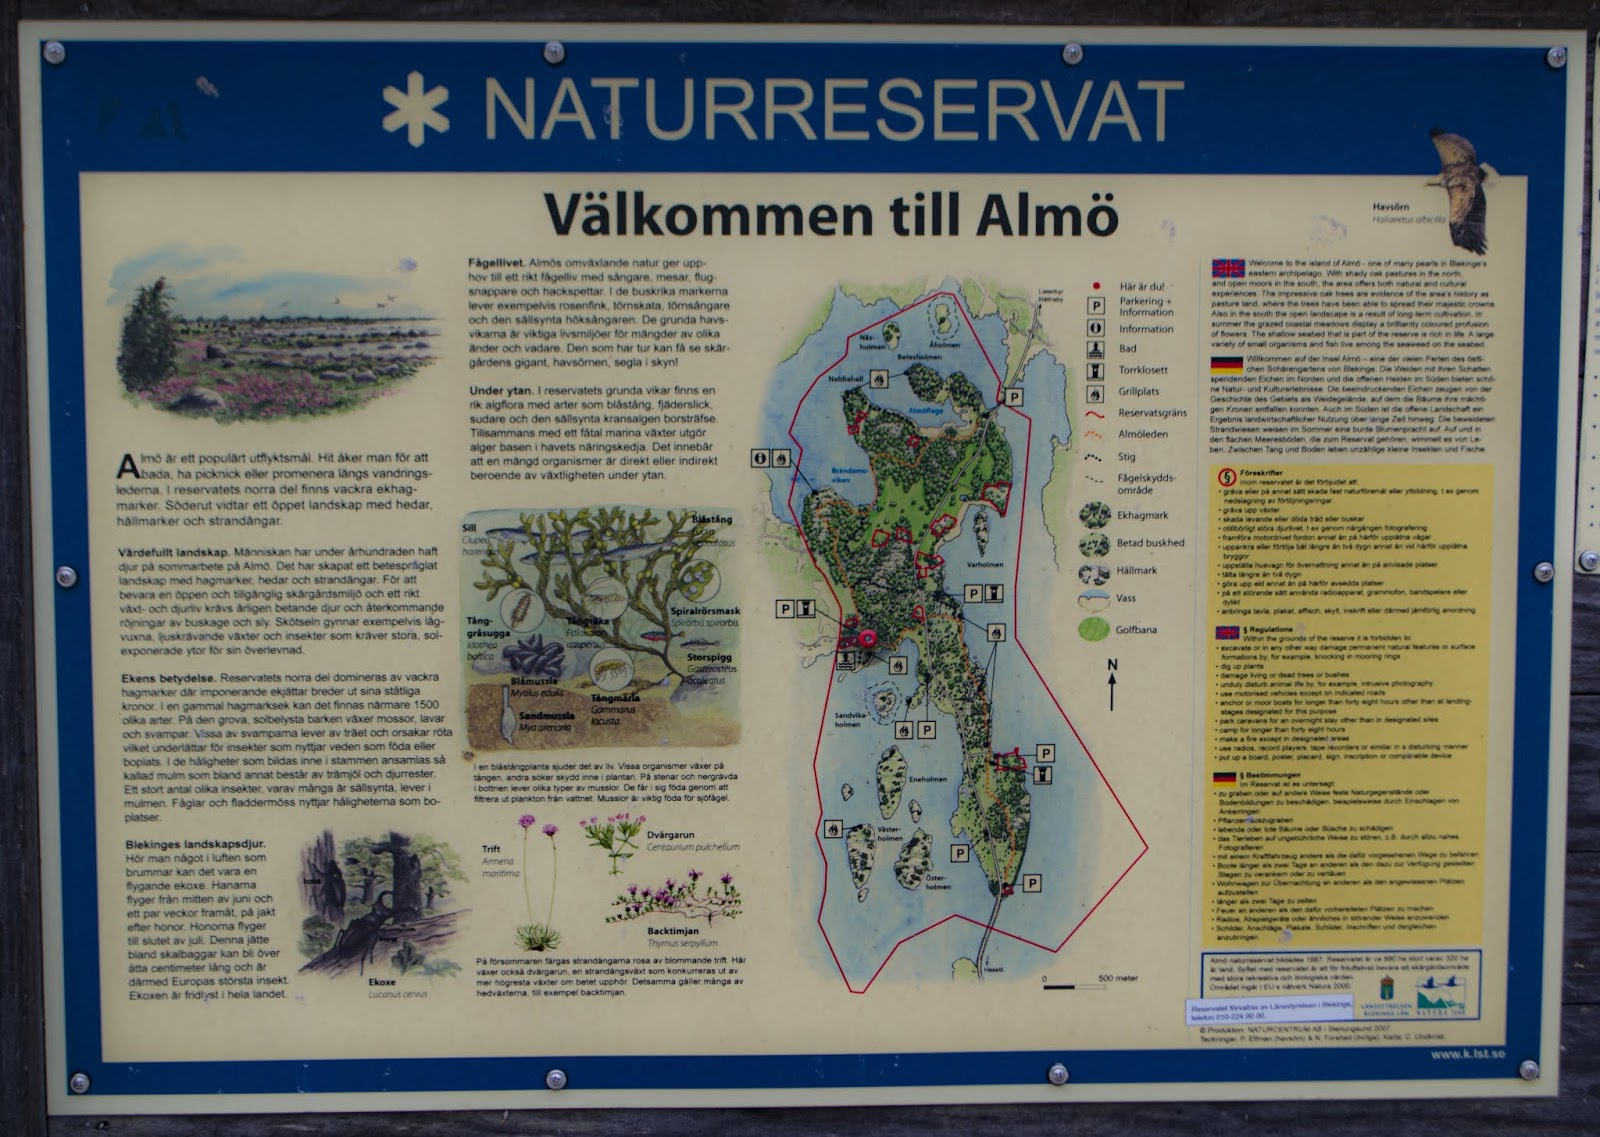 Alla kategorier Sverige Vstmanlands ln - BodyContact